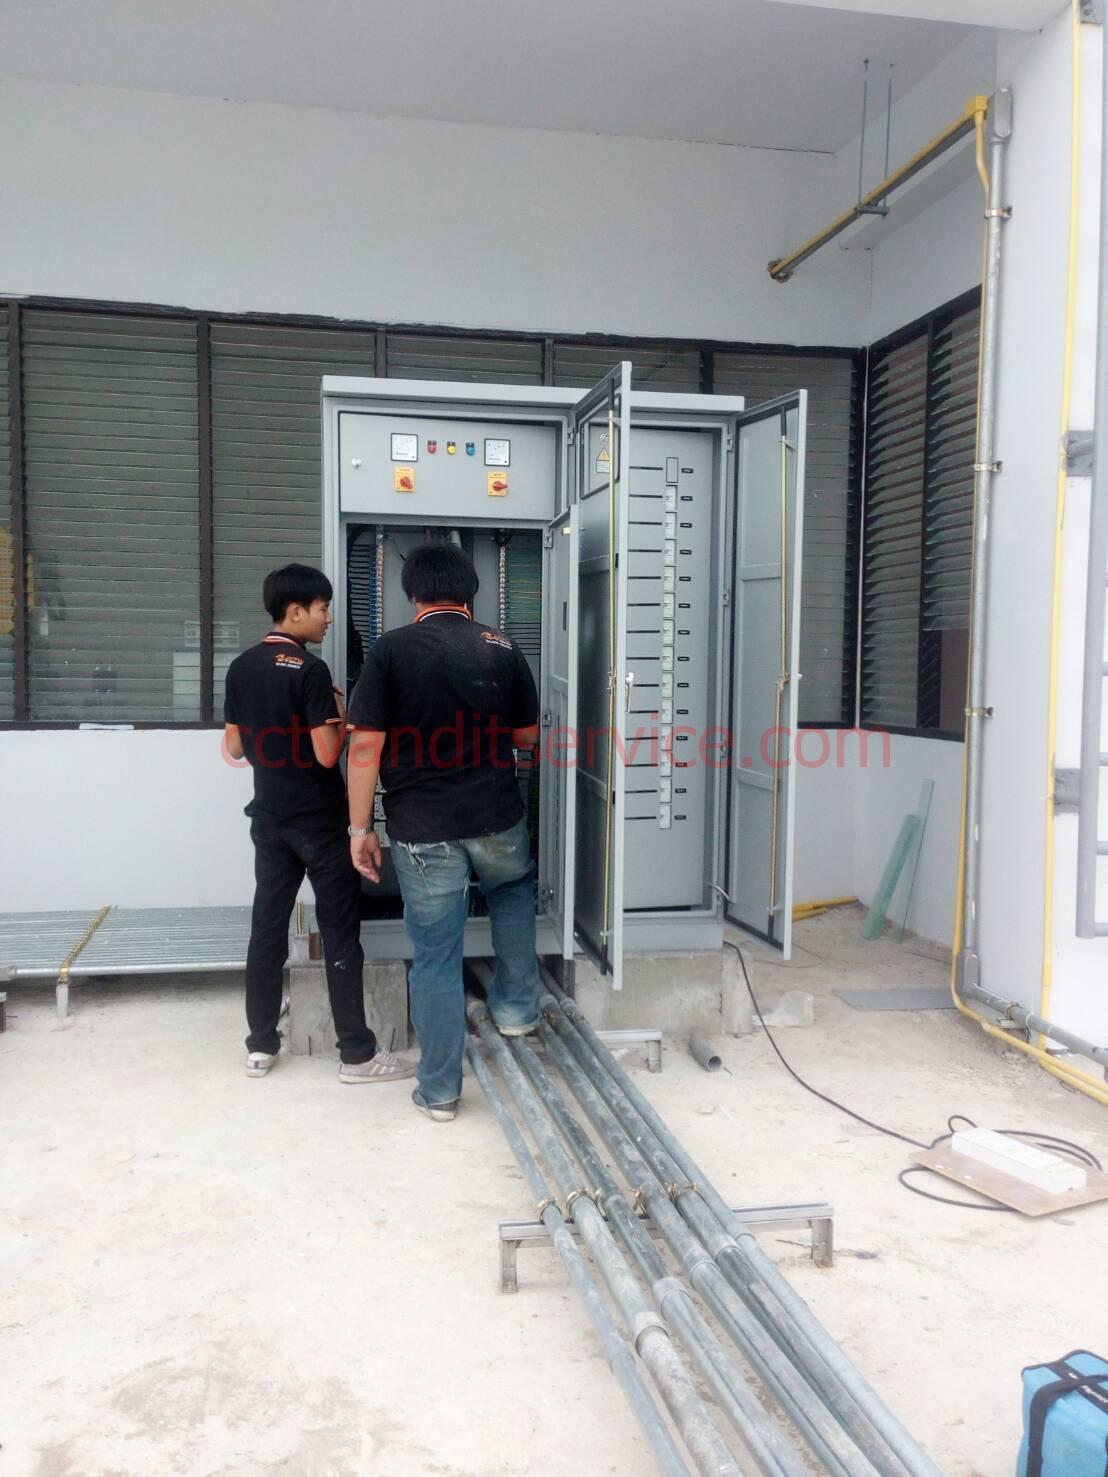 เชียงใหม่ช่างไฟฟ้ามืออาชีพ ทีมงานมีฝีมือมาตราฐานไฟฟ้า เชียงใหม่ ลำพูน ลำปาง รับแก้ไขระบบไฟฟ้า3เฟส ระบบอินเตอร์เน็ต (Network) ระบบกล้องวงจรปิด (CCTV) โรงงานขานดเล็ก กลางและใหญ่ บ้าน อาคาร สำนักงานทุกชนิด